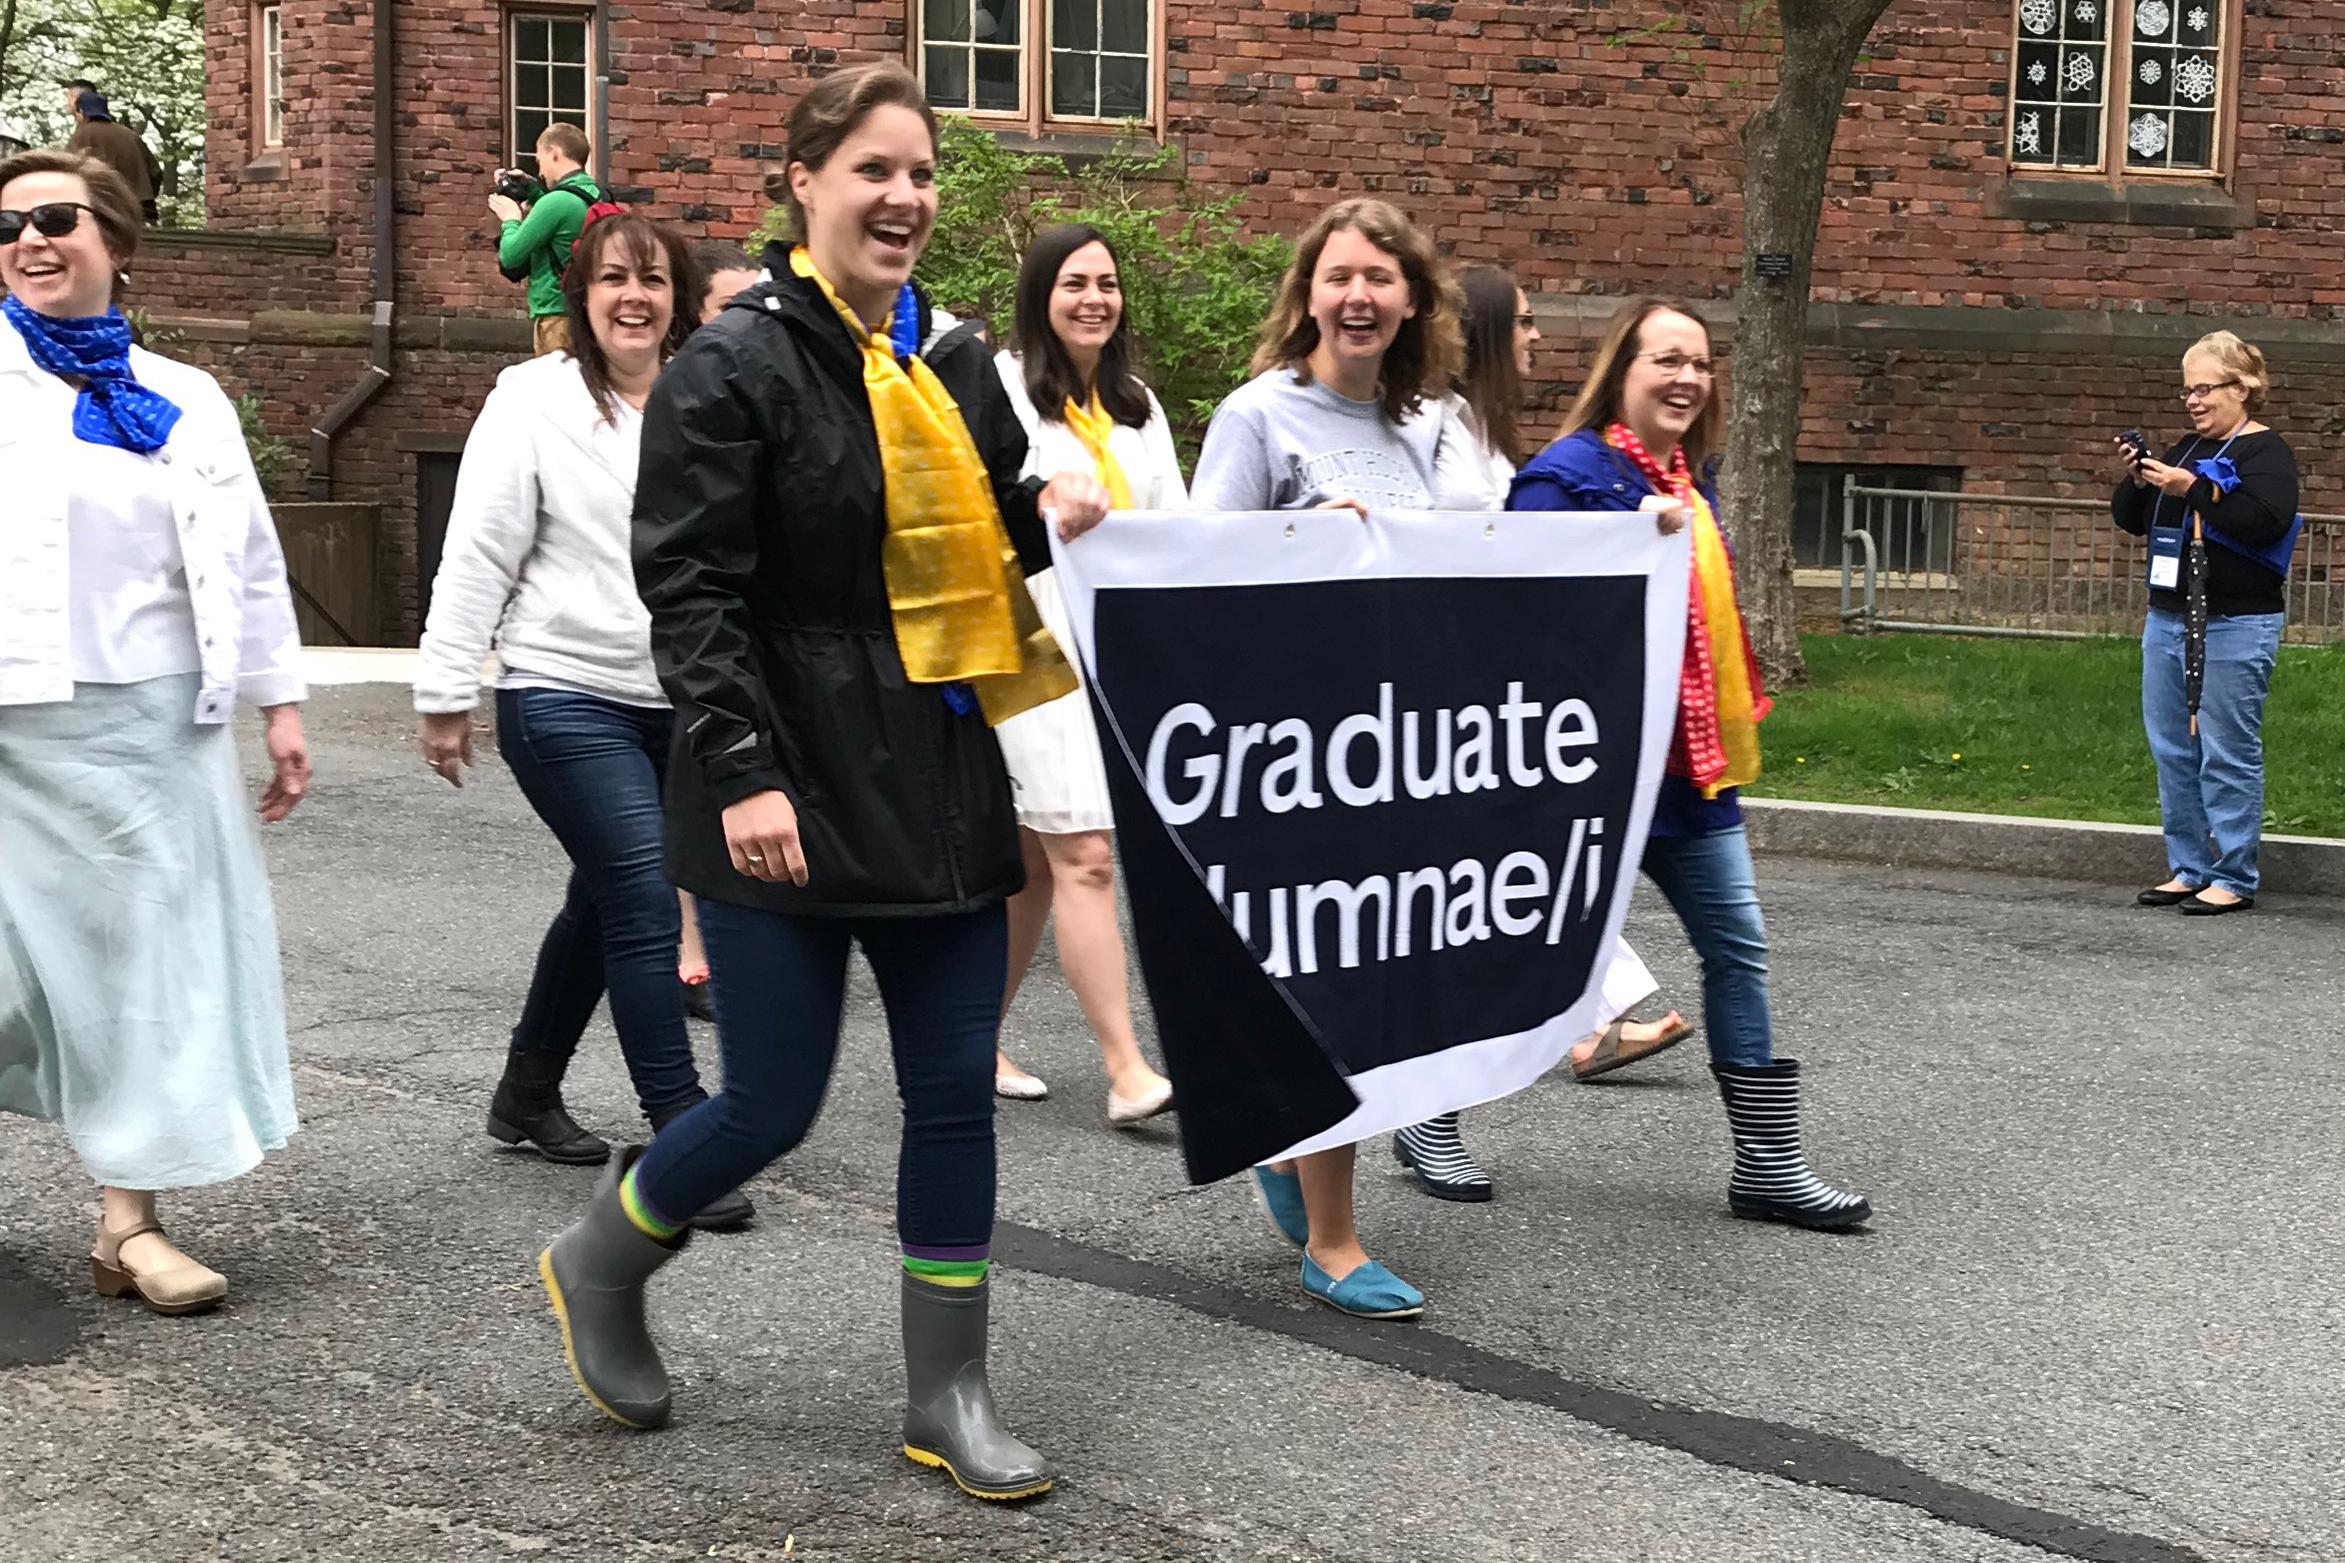 Graduate Alumnae/i